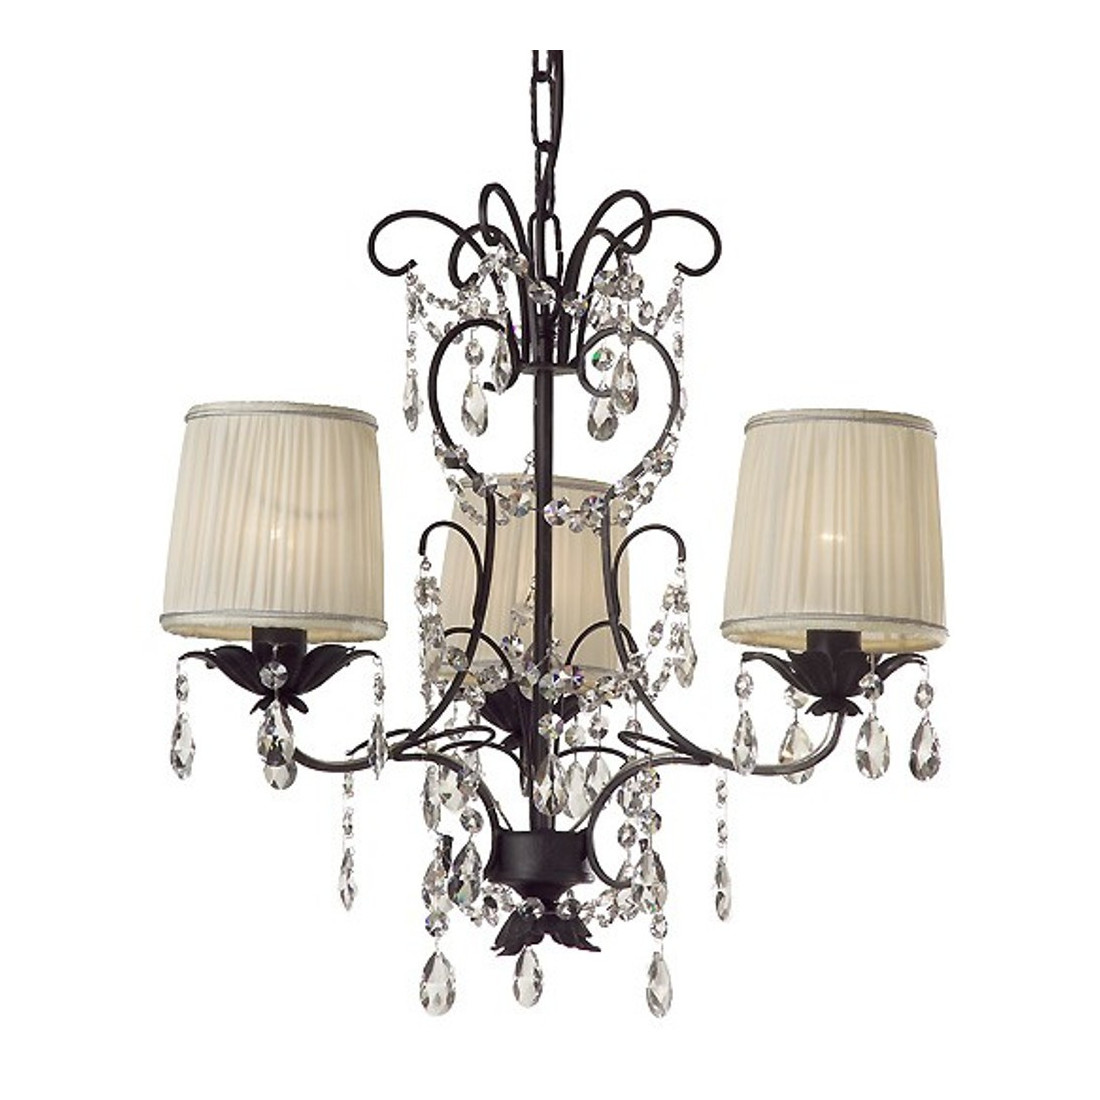 Tutti i nostri pezzi di illuminazione, sono caratterizzati da elementi. Lampadario Ferro Battuto Artigianale Toscana Firenze Led